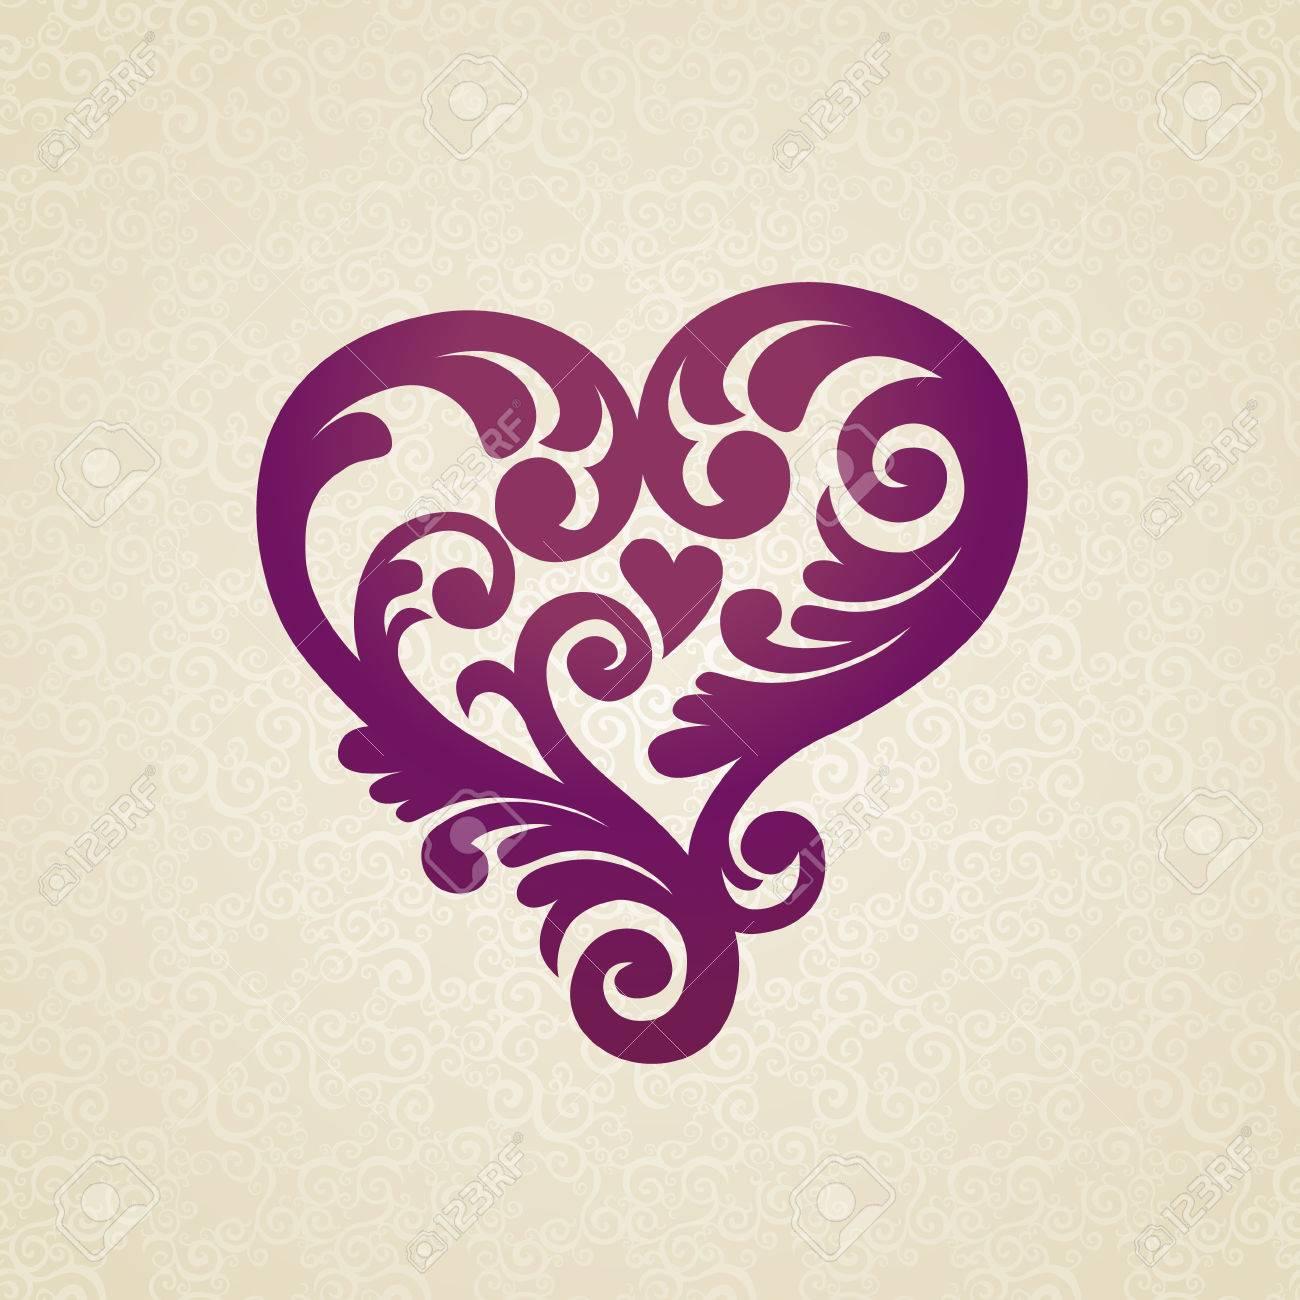 38708609-Ornement-coeur-dans-un-style-victorien-sur-fond-transparent-Vecteur-dentelle-baroque-motif-Element-f-Banque-d%27images